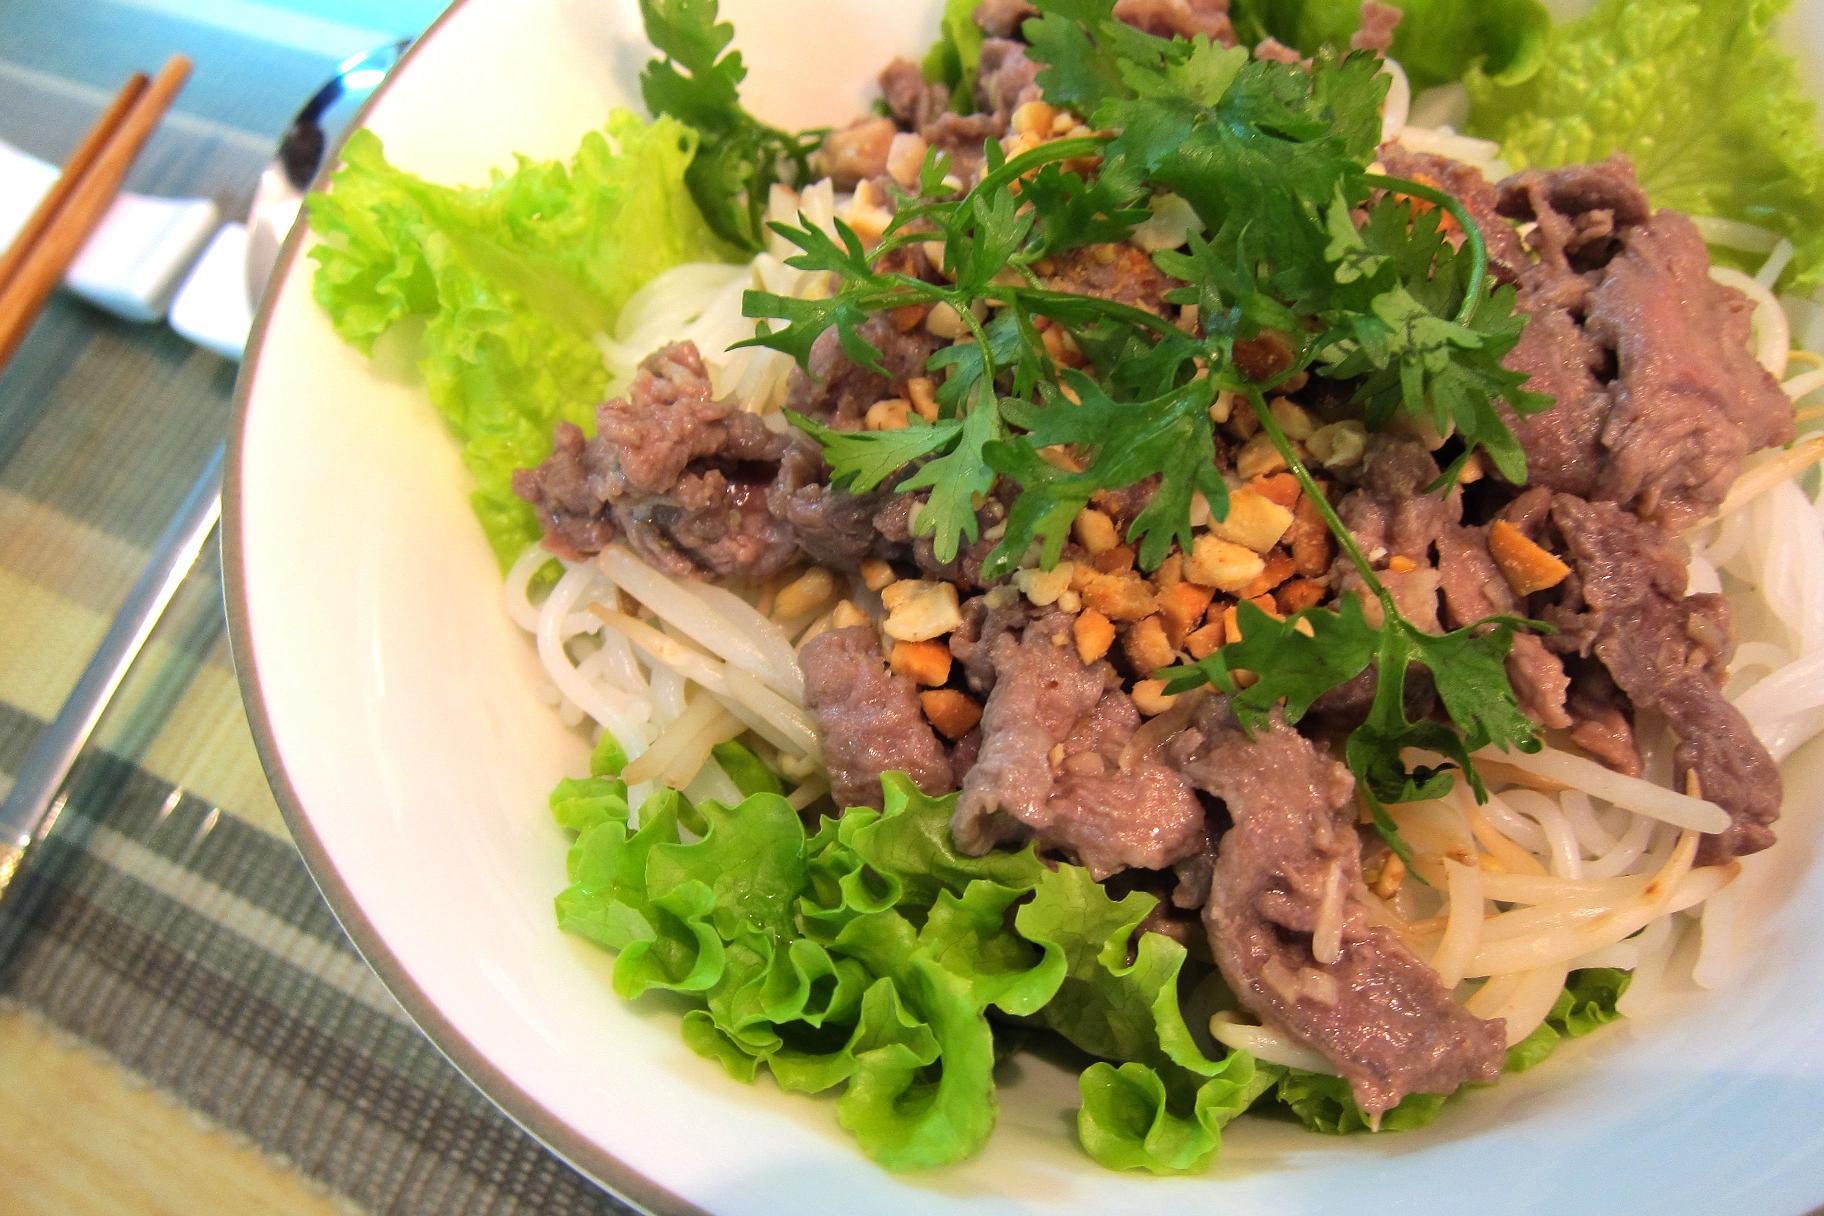 Món bún bò Huế Bếp hồng ngoại Sunhouse SHD 6003